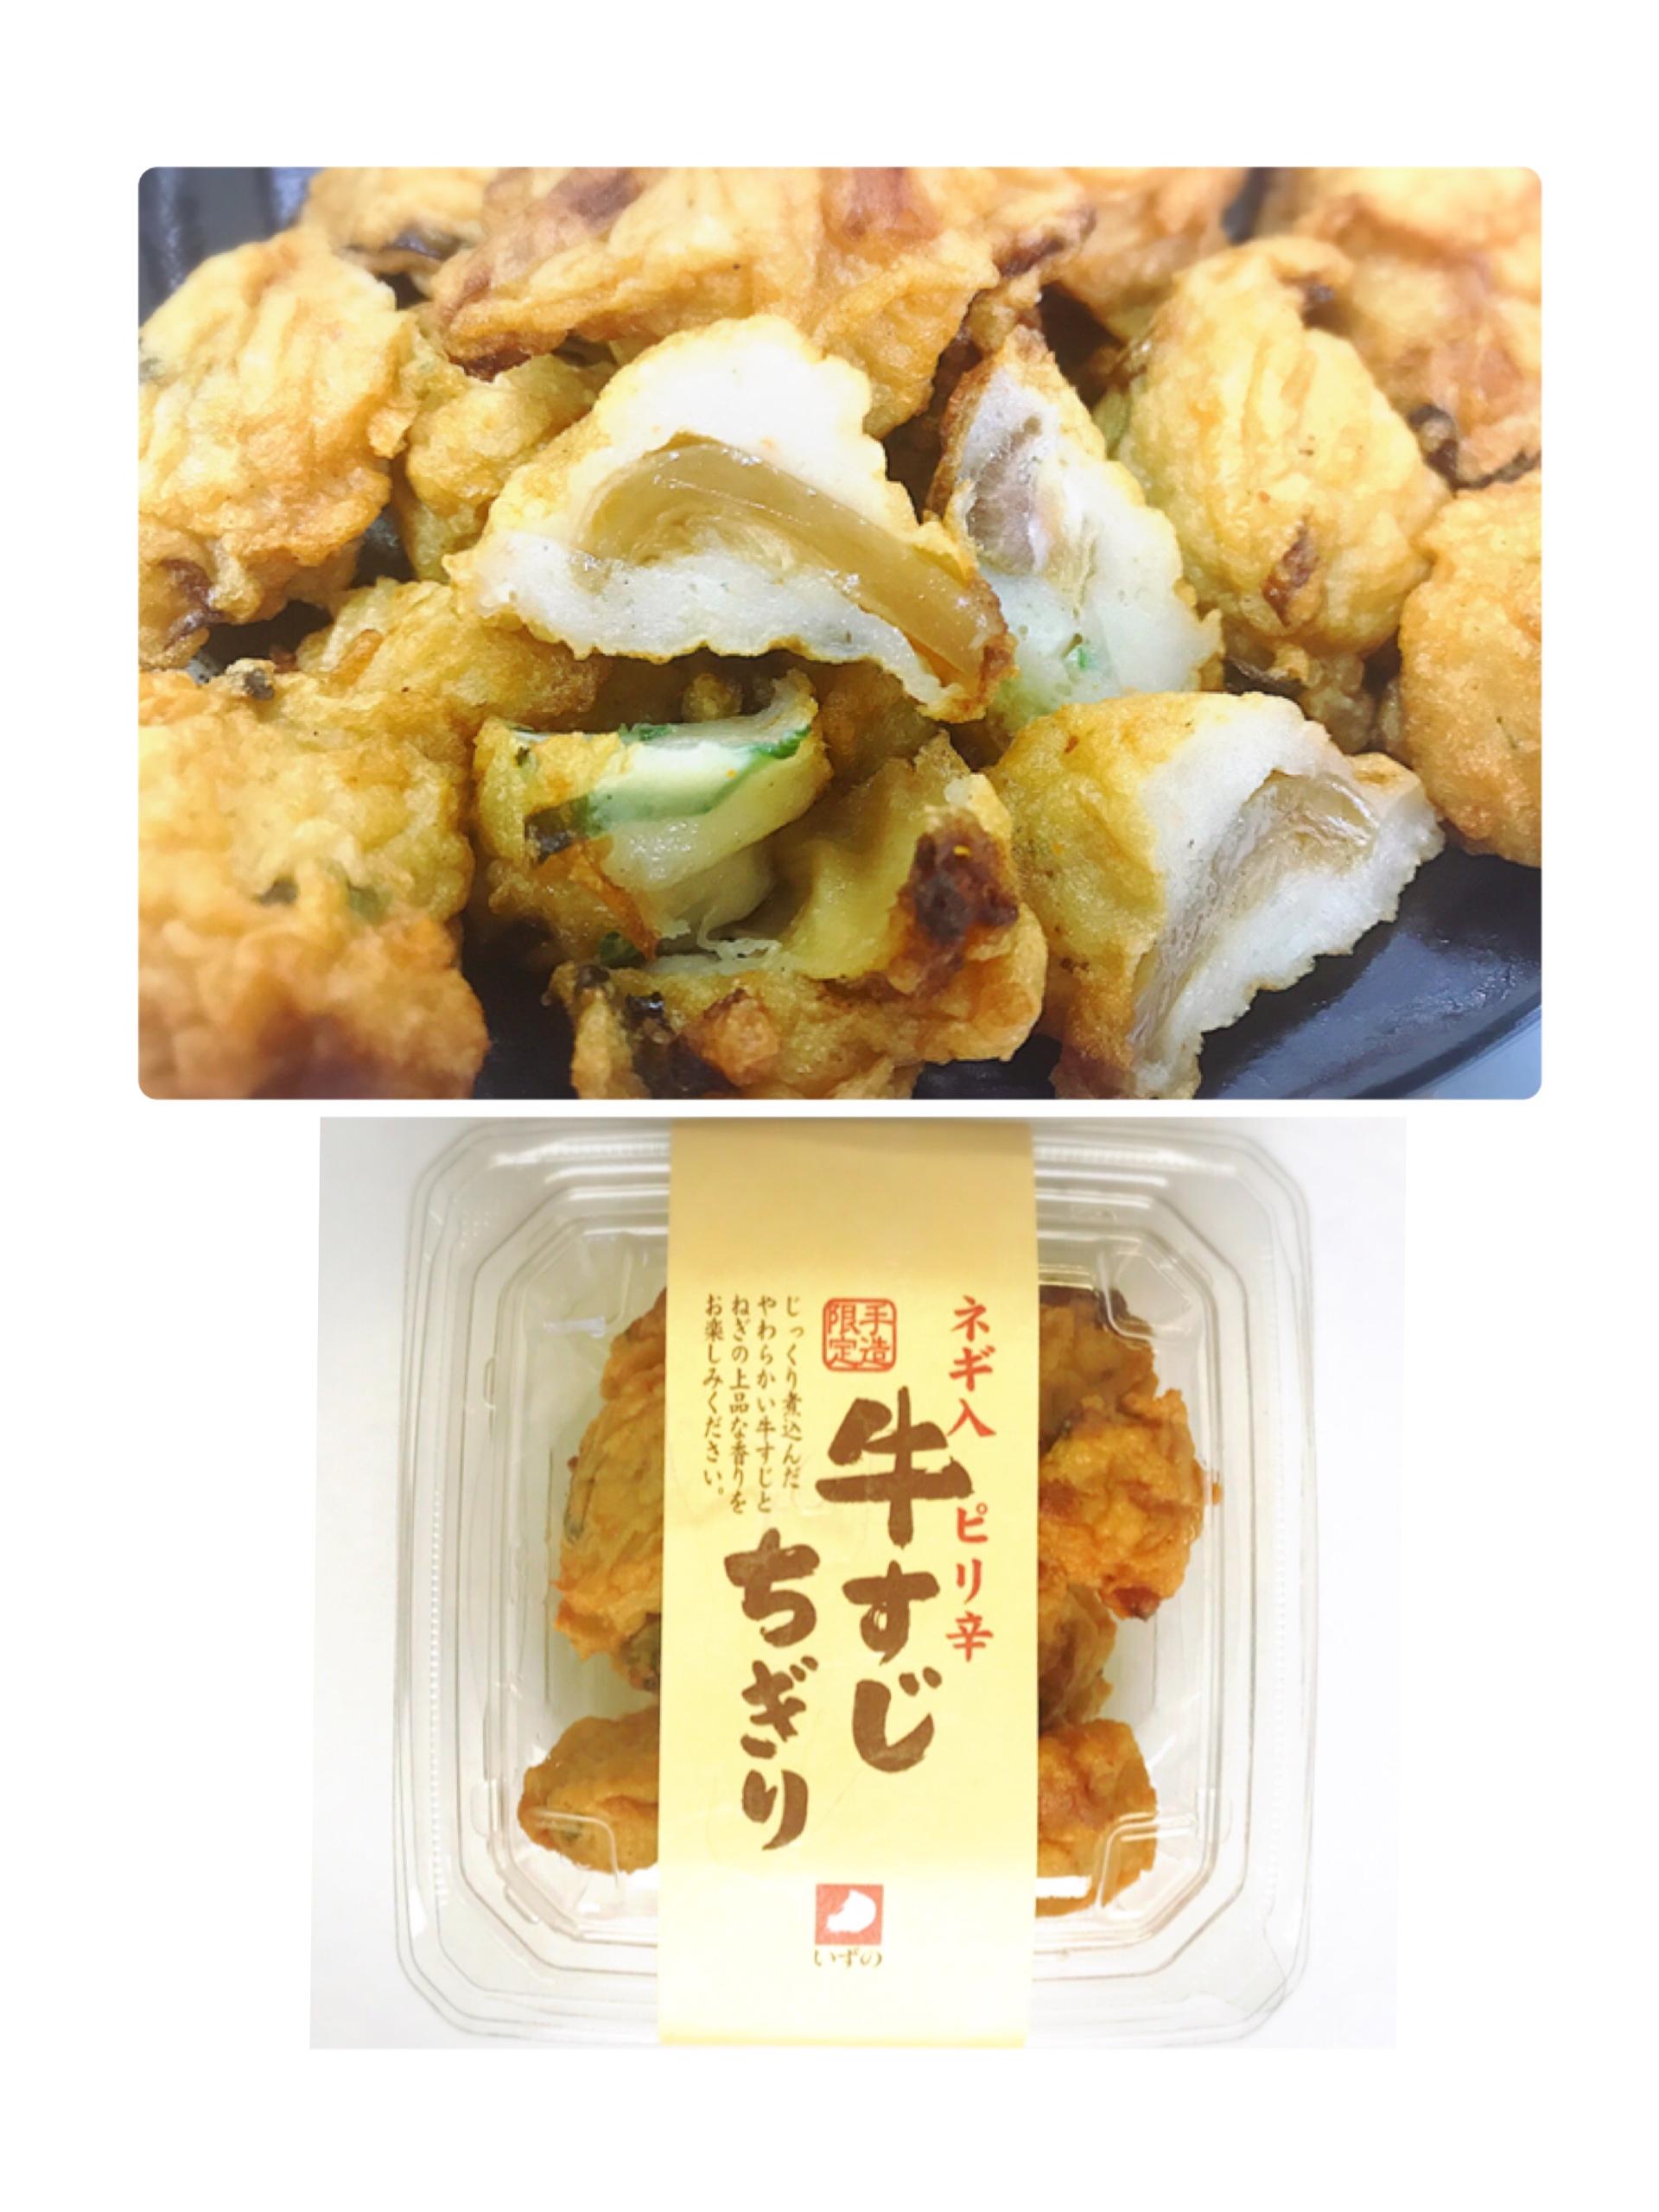 新商品 【ちぎり天 ねぎ入ピリ辛牛すじちぎり】